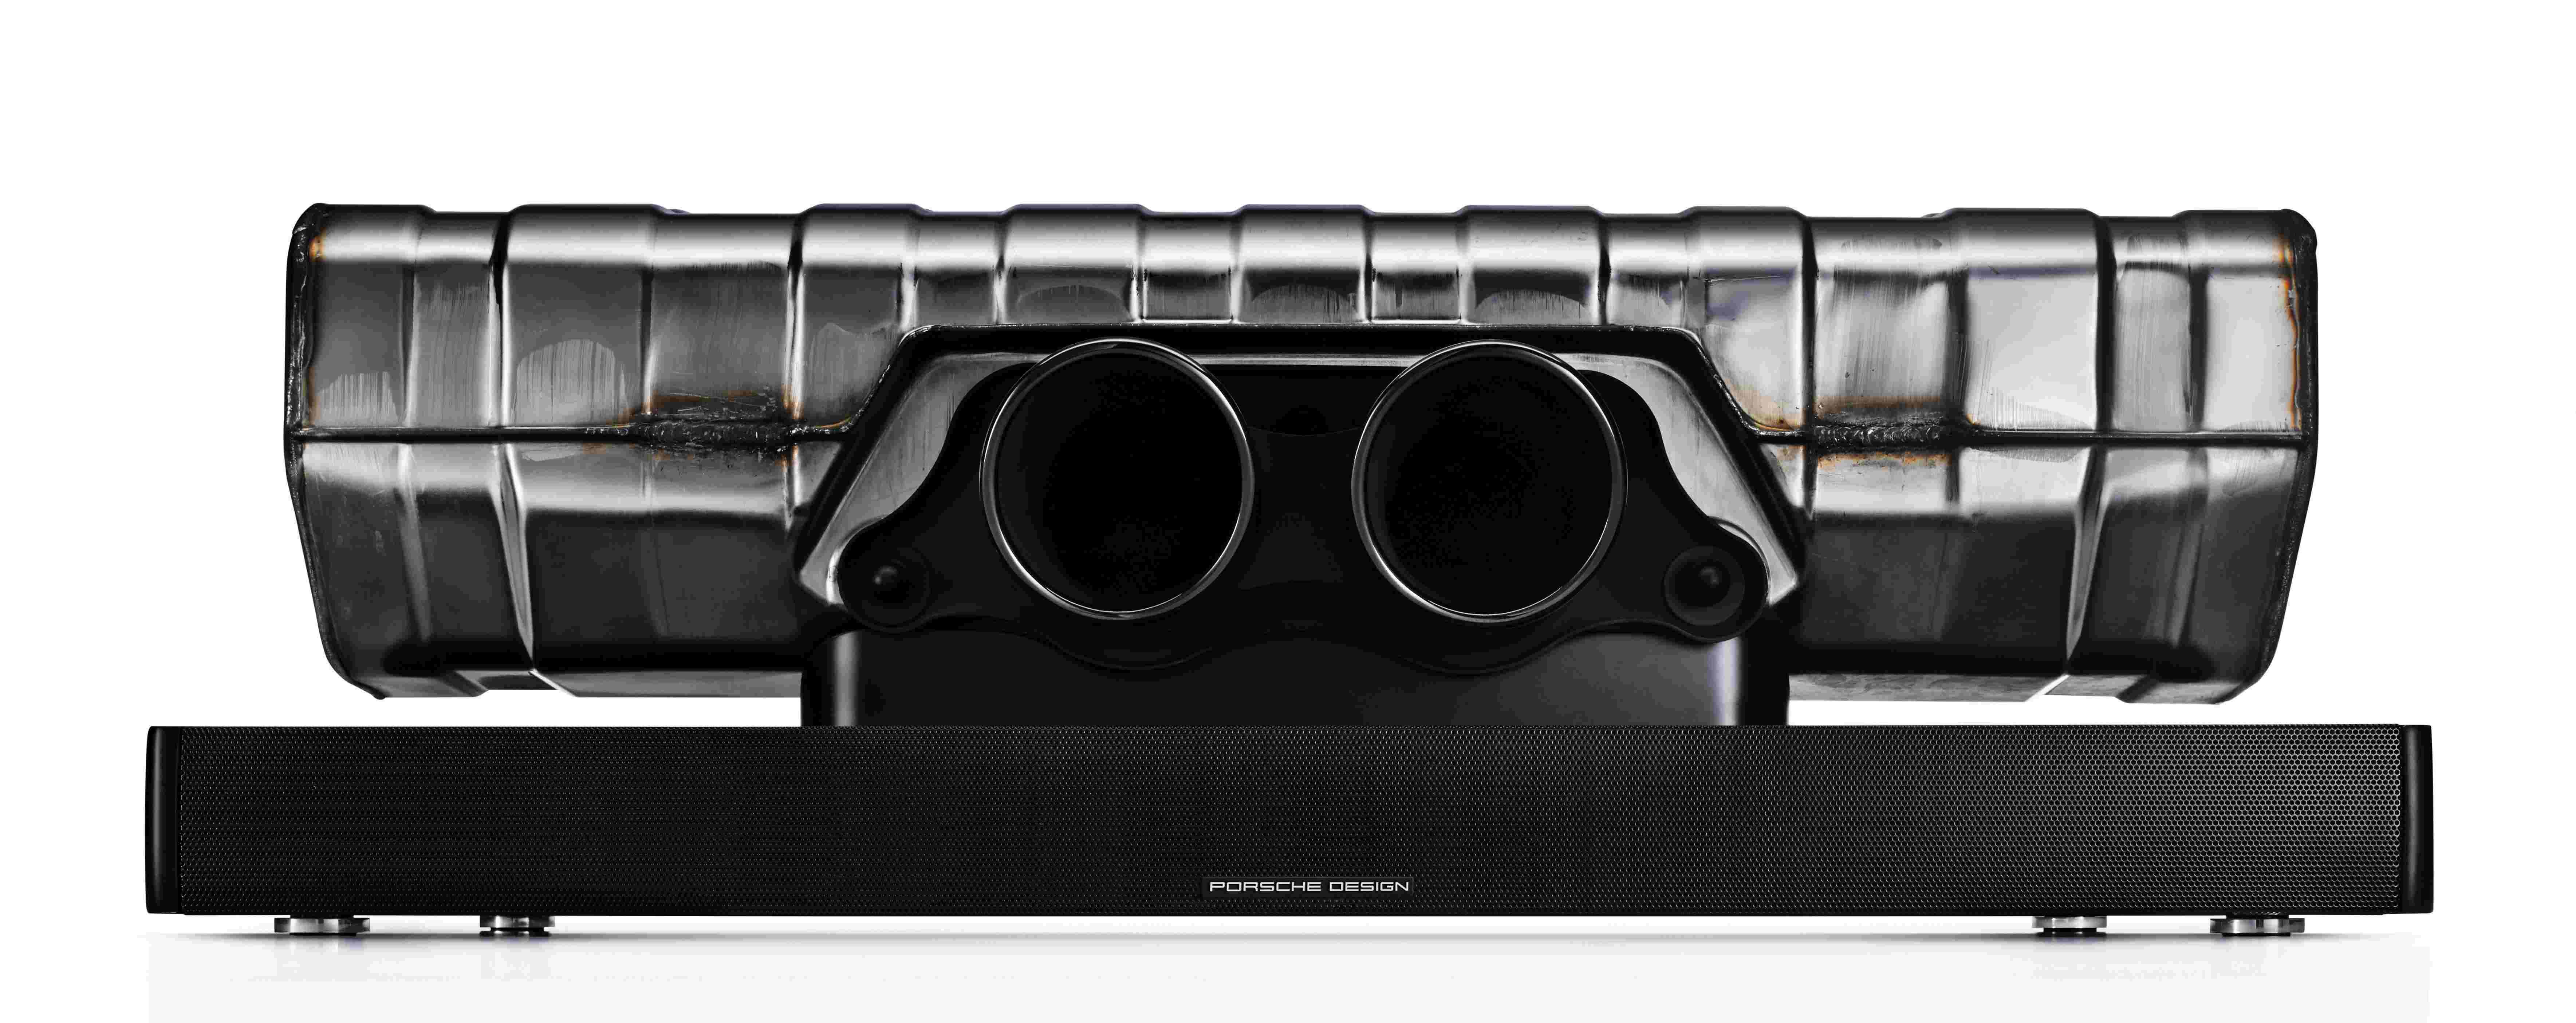 9aad0d0284d Porsche Design Presents  Unique Home Sound System – The finest ...